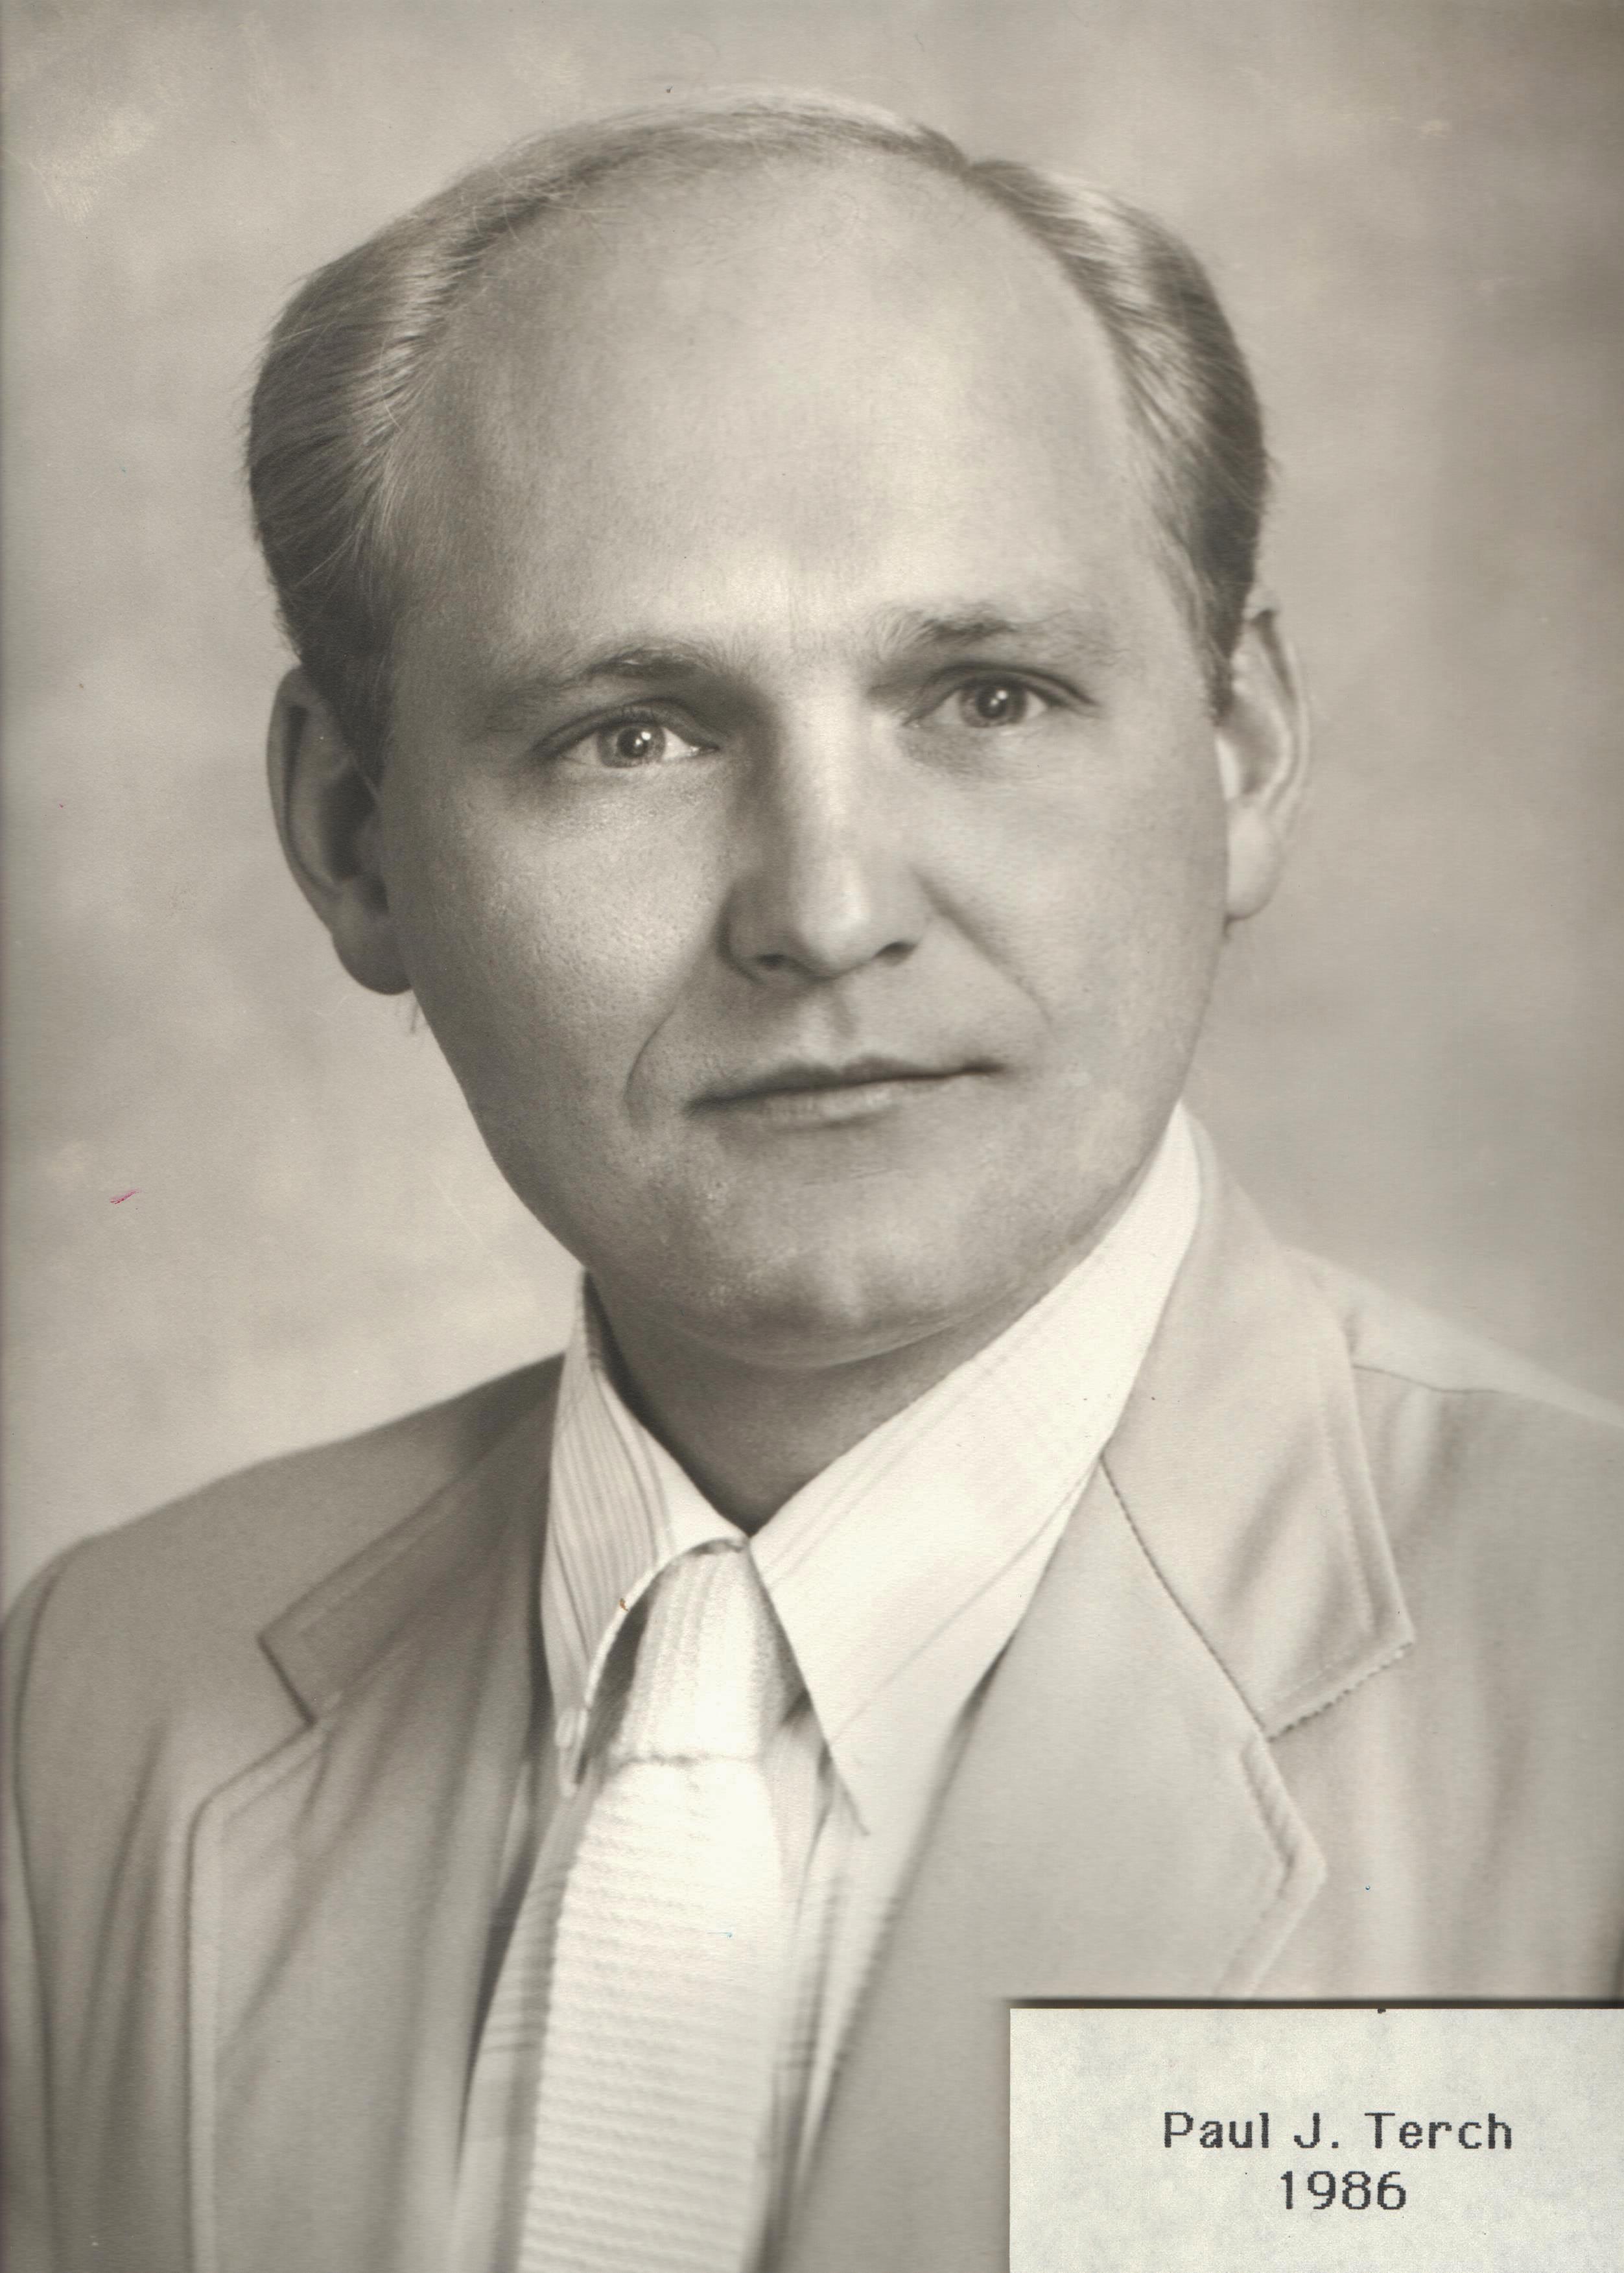 1986 Paul J. Terch